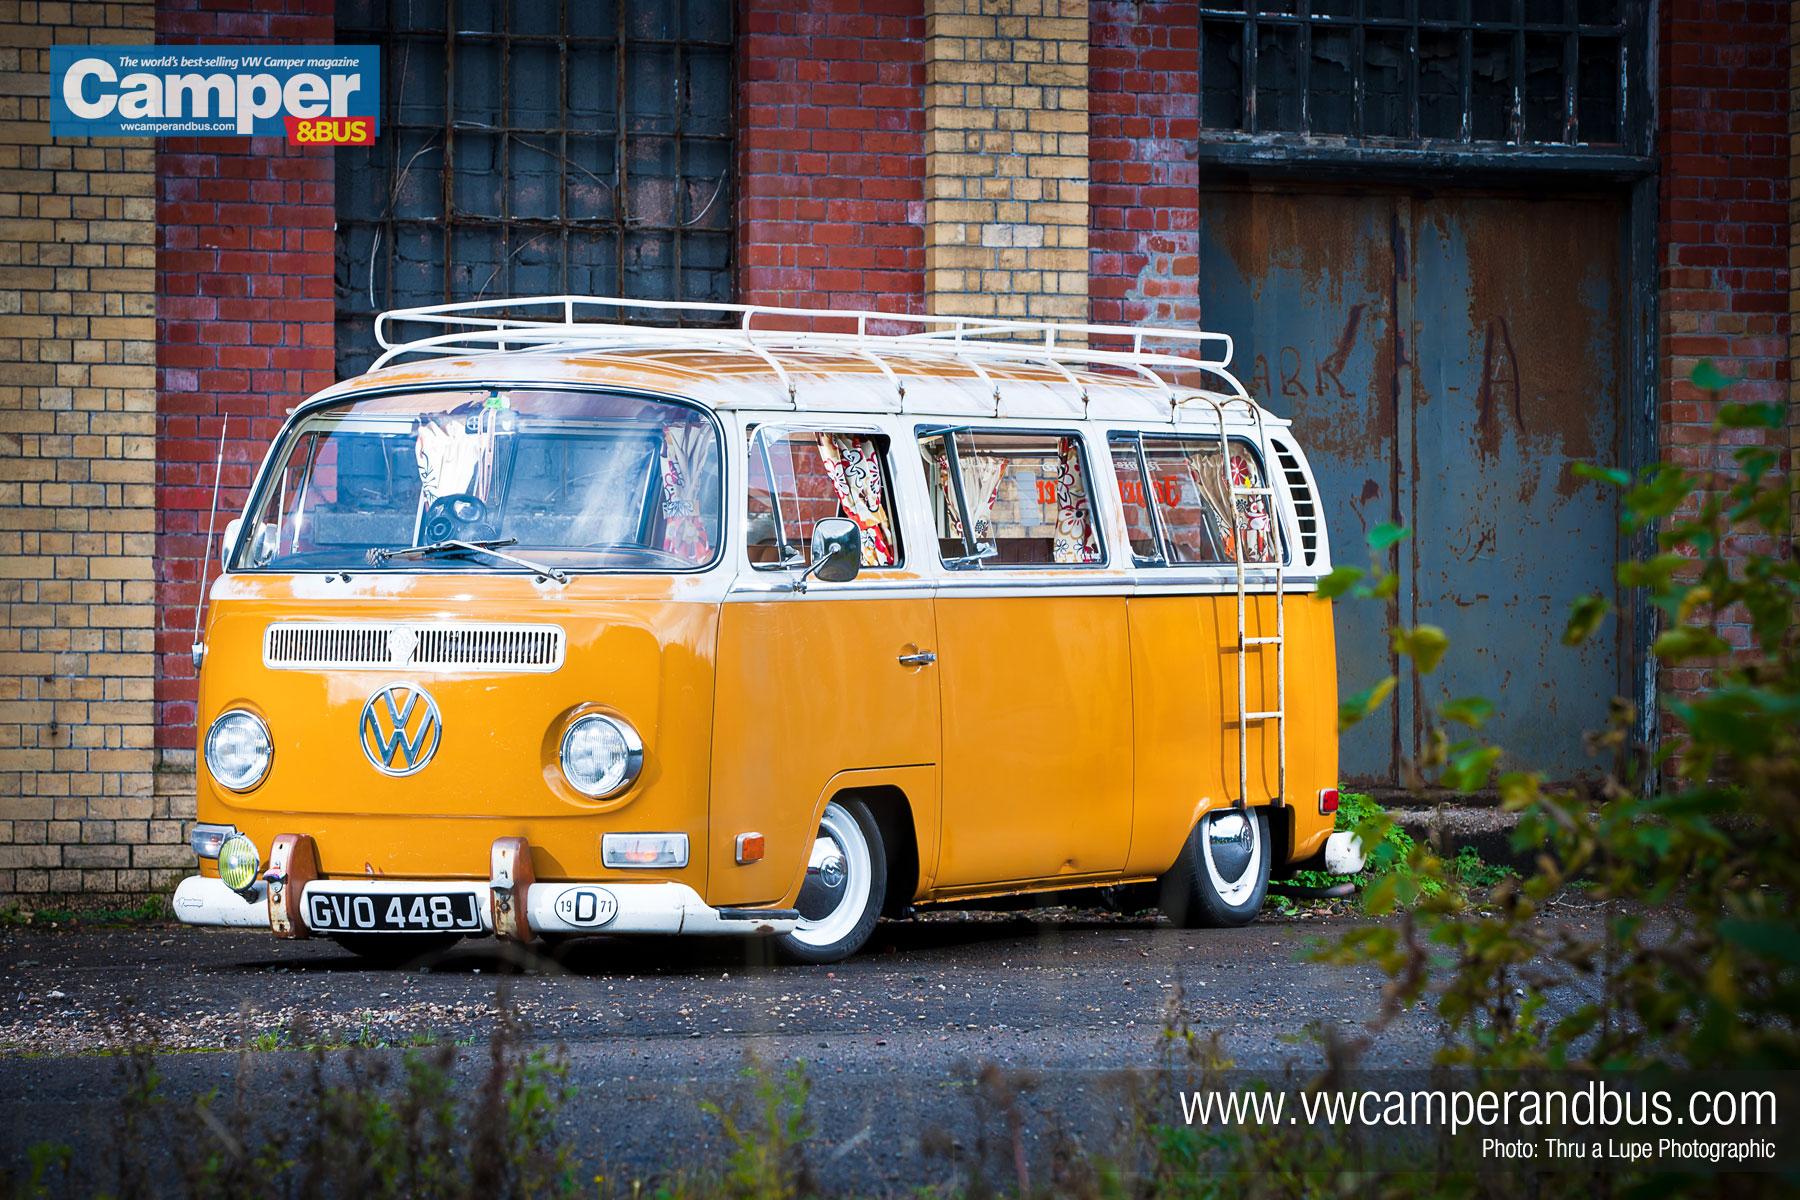 volkswagen buses wallpaper screensavers - photo #40